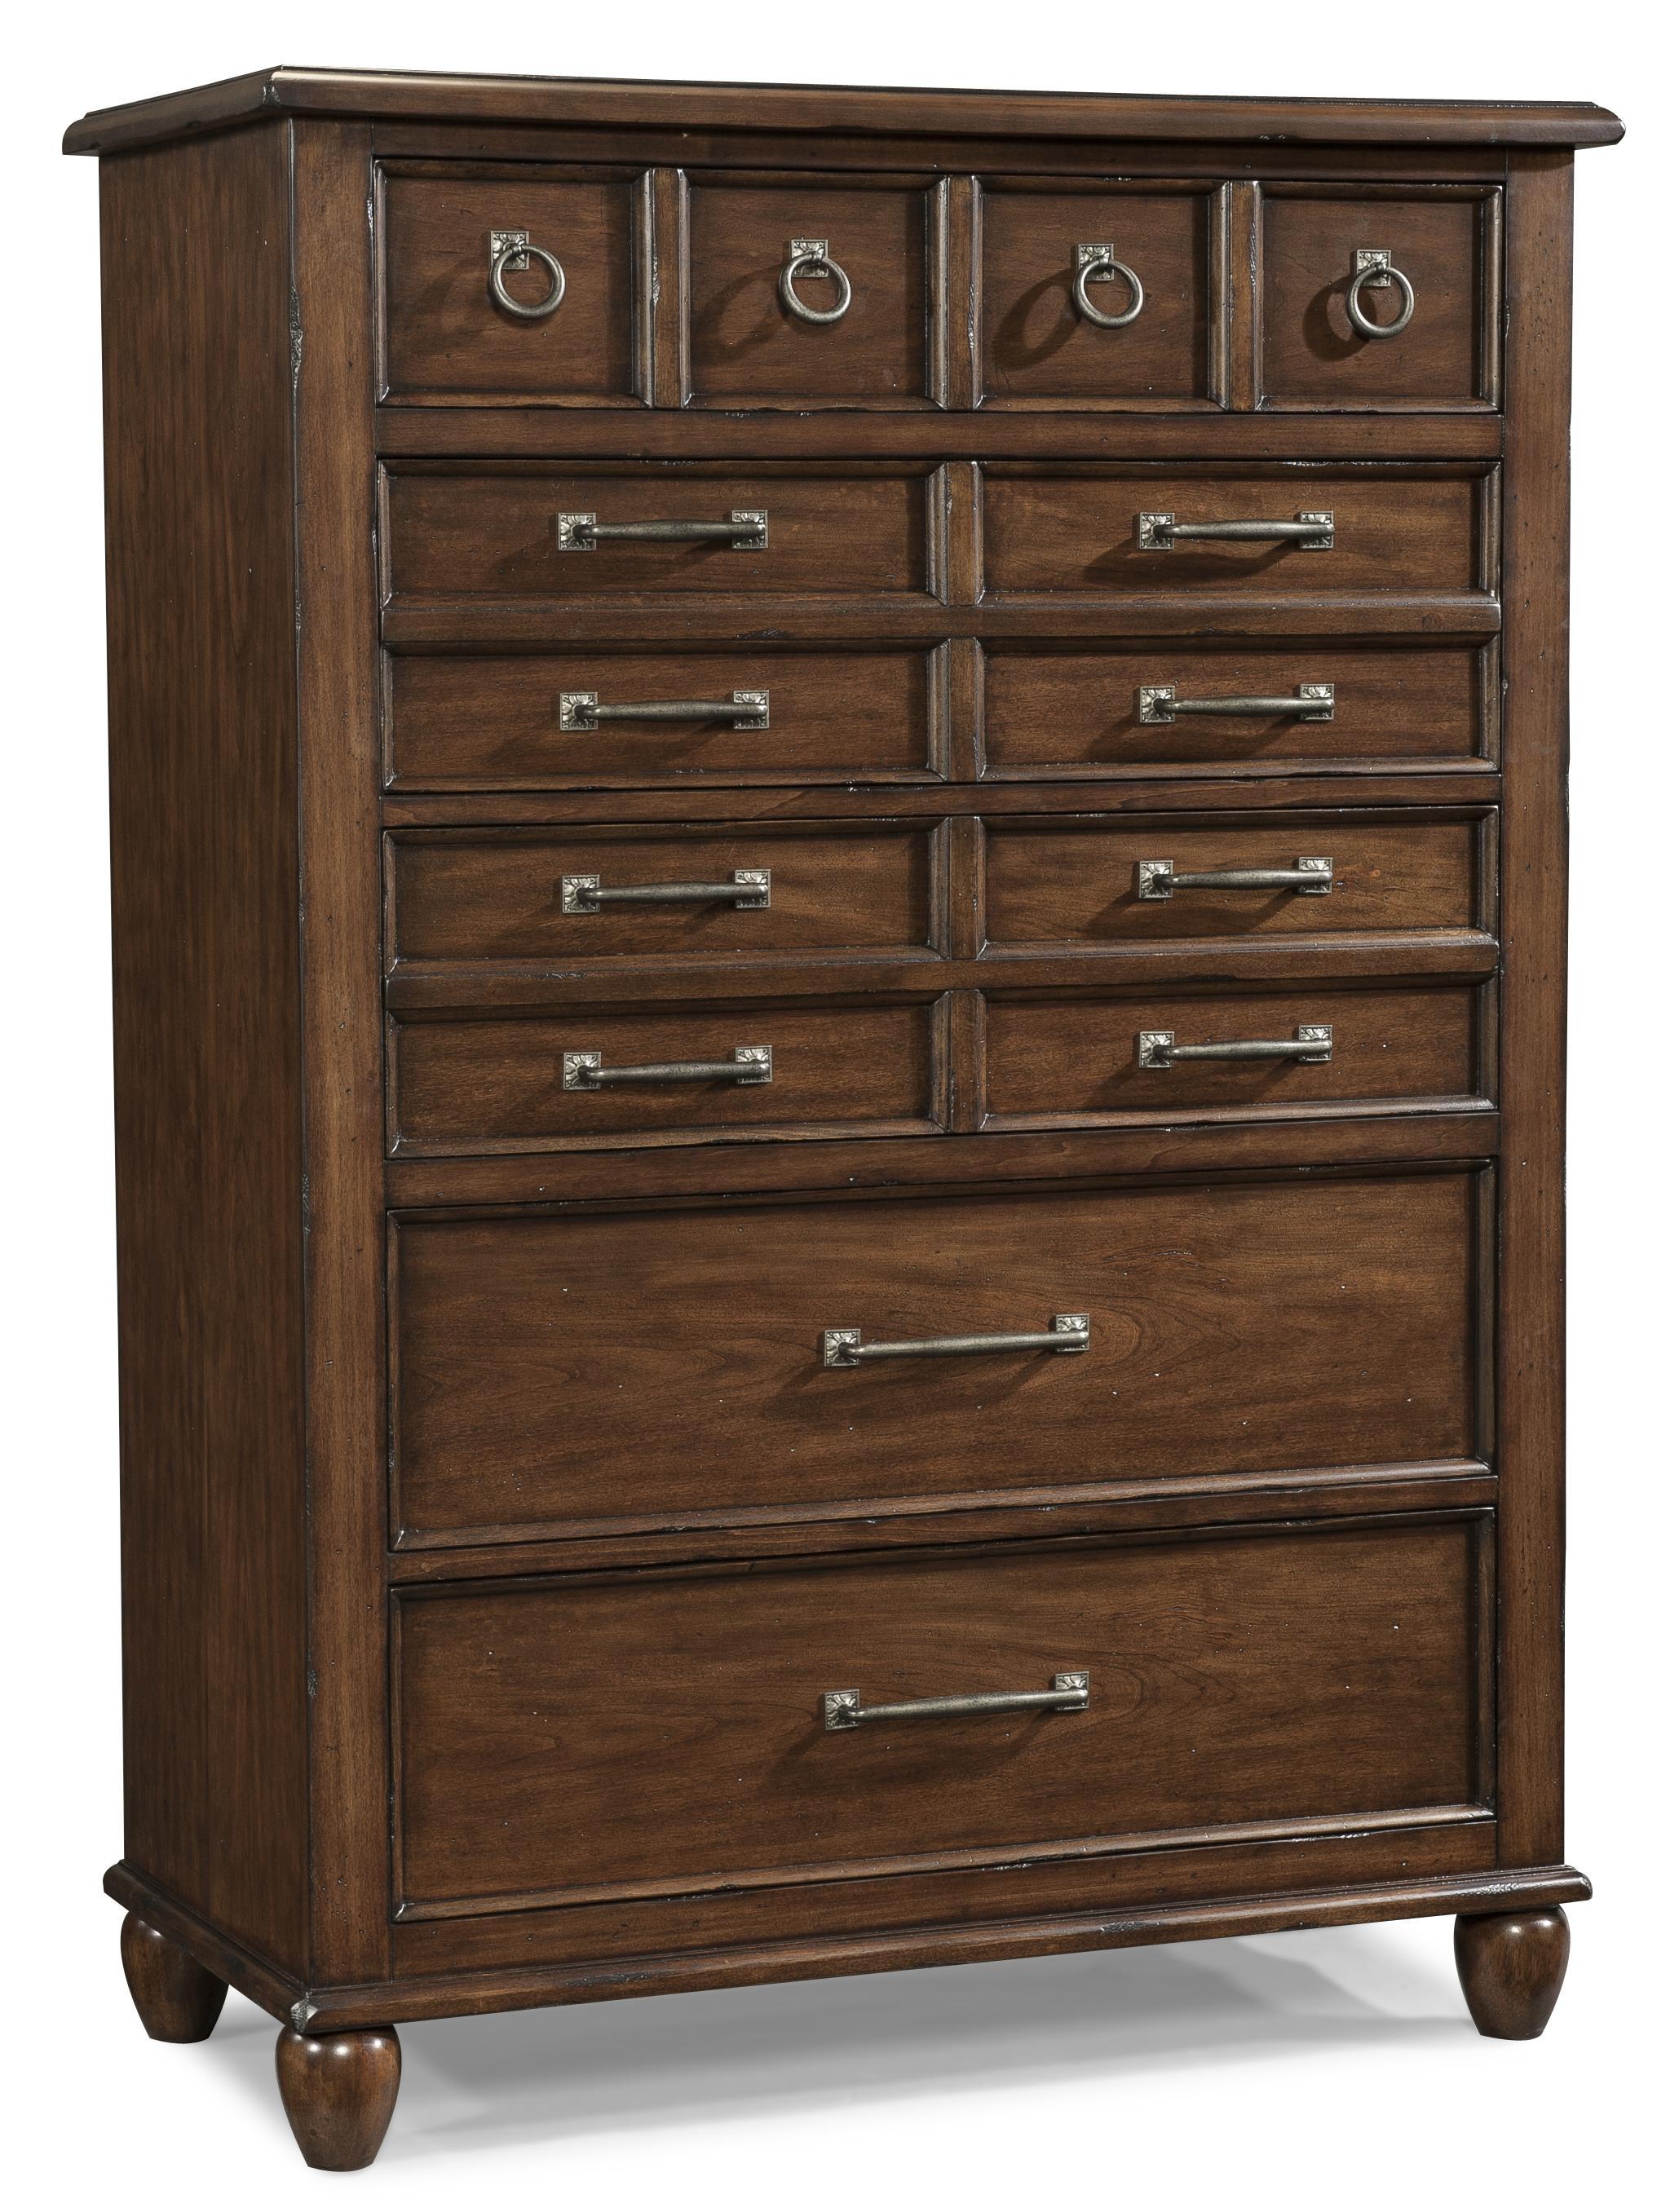 Morris Home Furnishings Livingston Livingston Drawer Chest - Item Number: 426-681 CHEST